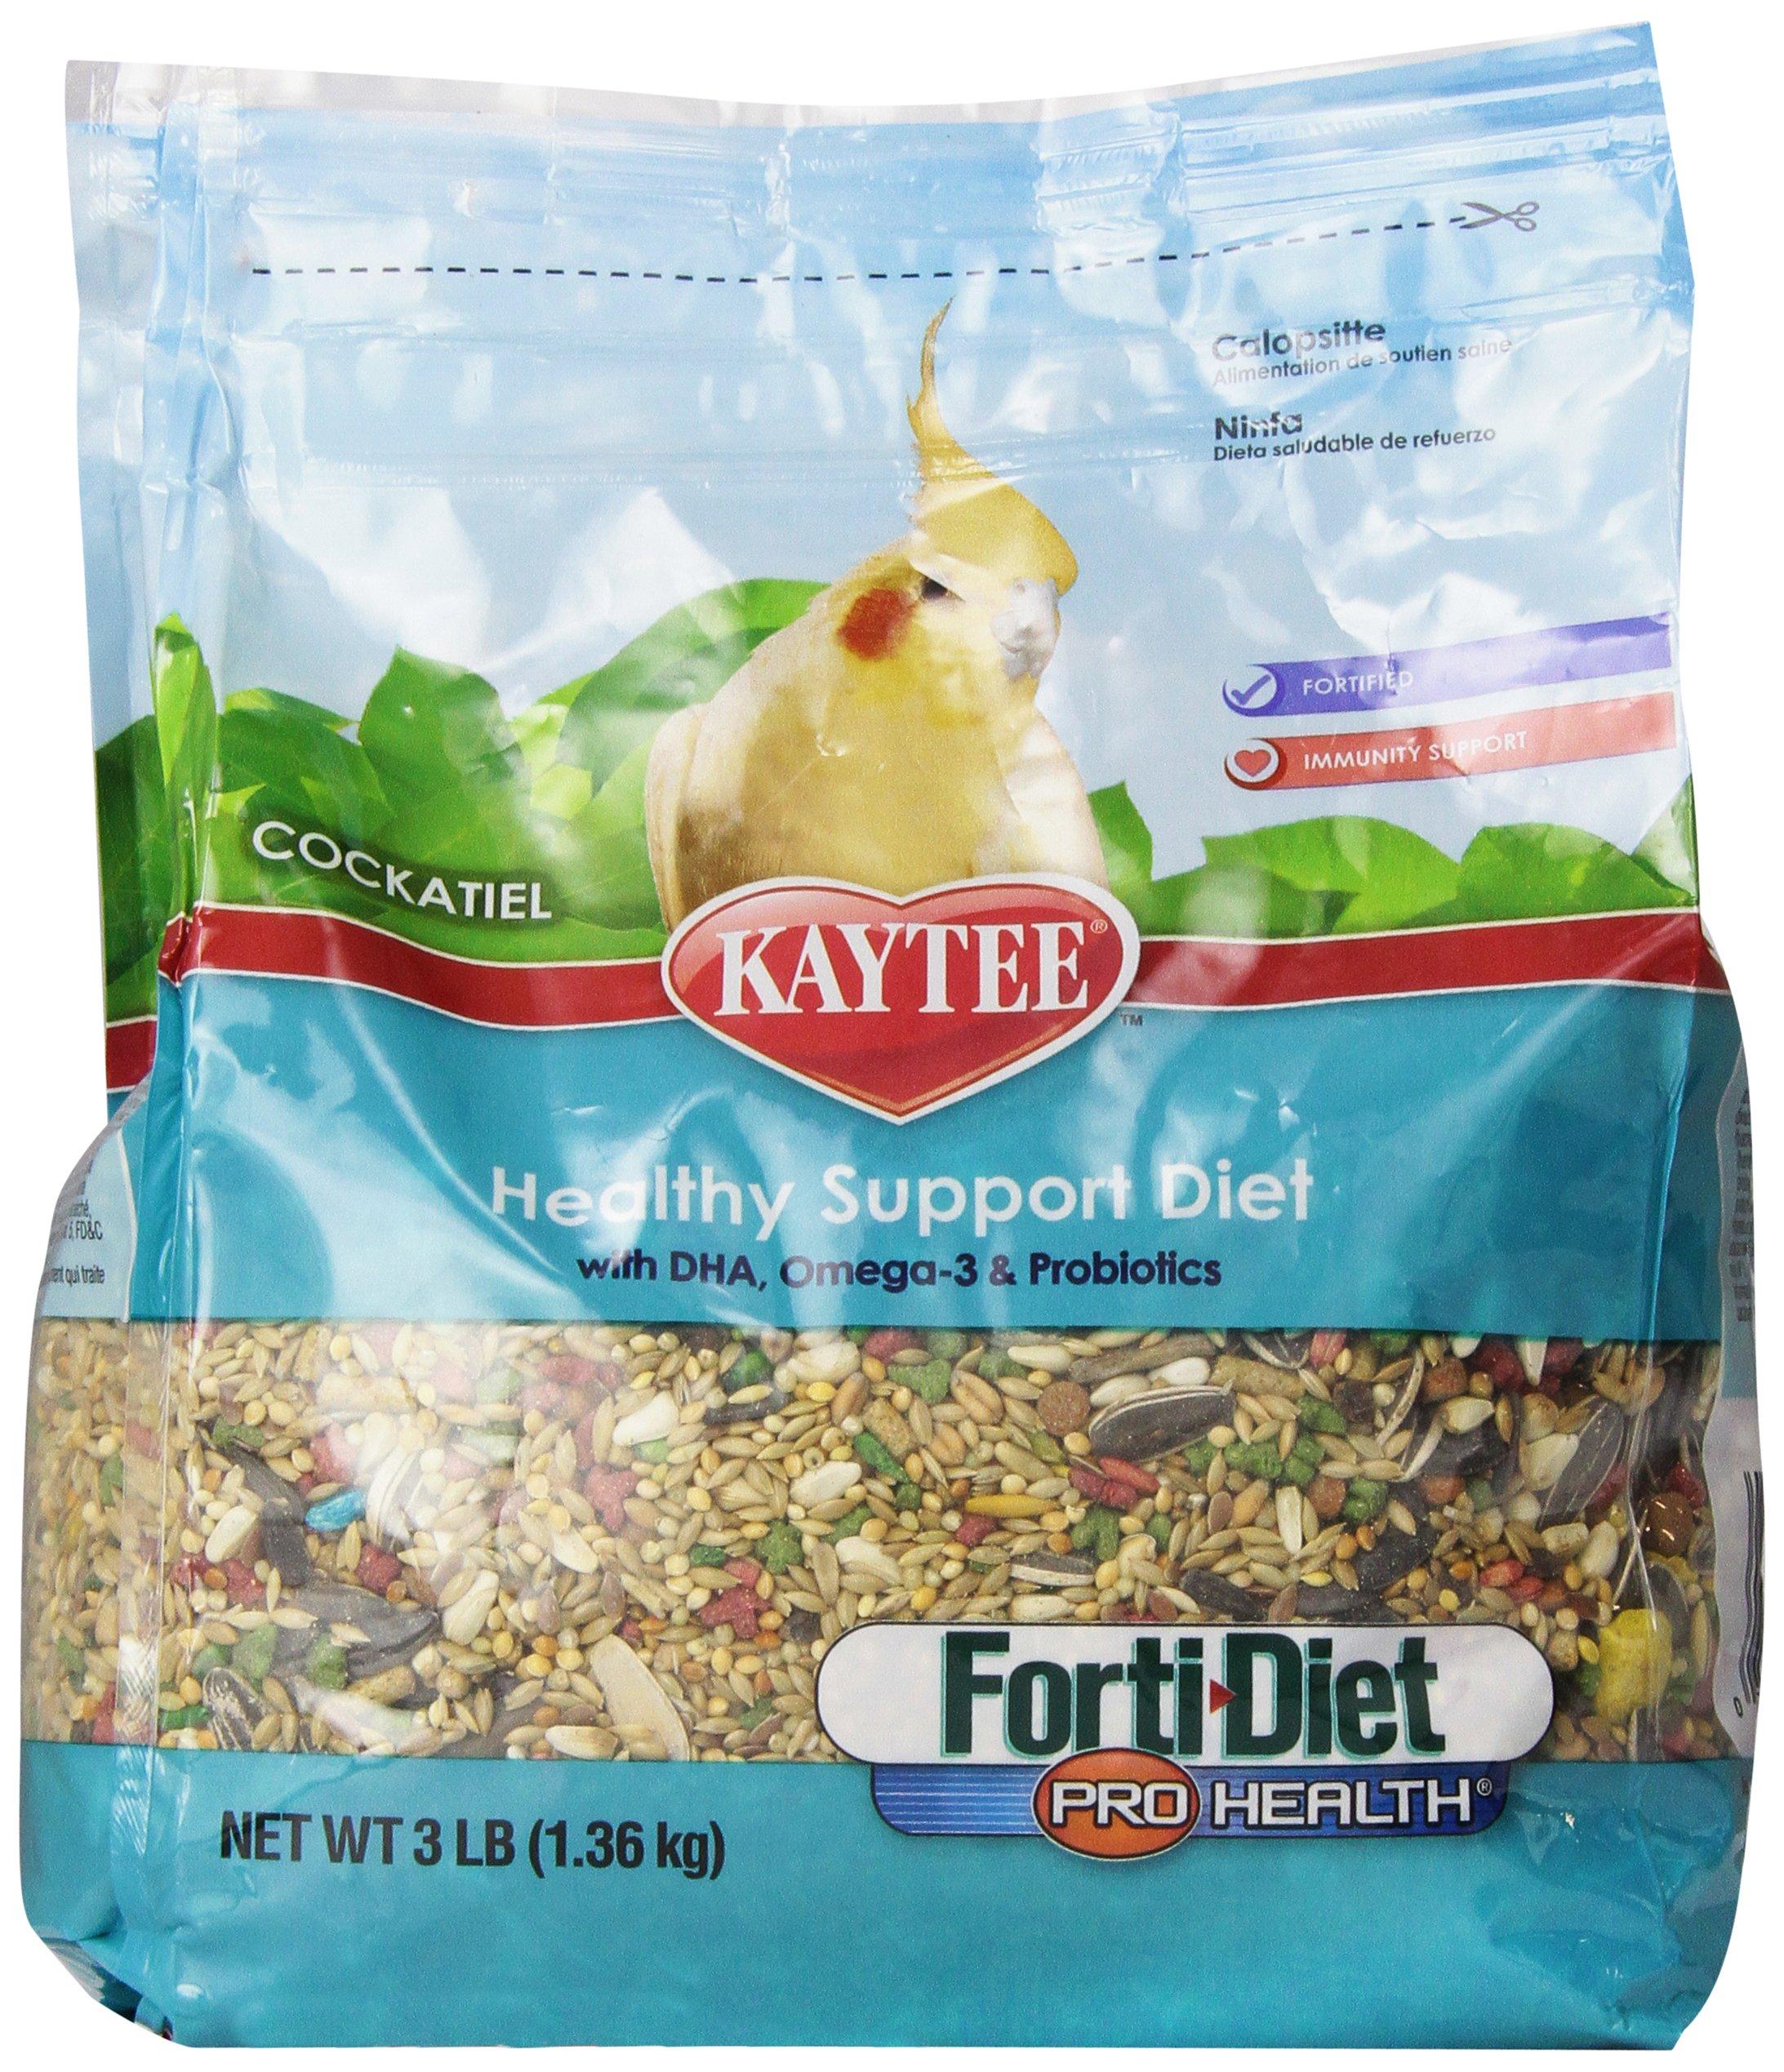 Kaytee Forti Diet Pro Health Bird Food for Cockatiels, 3-Pound